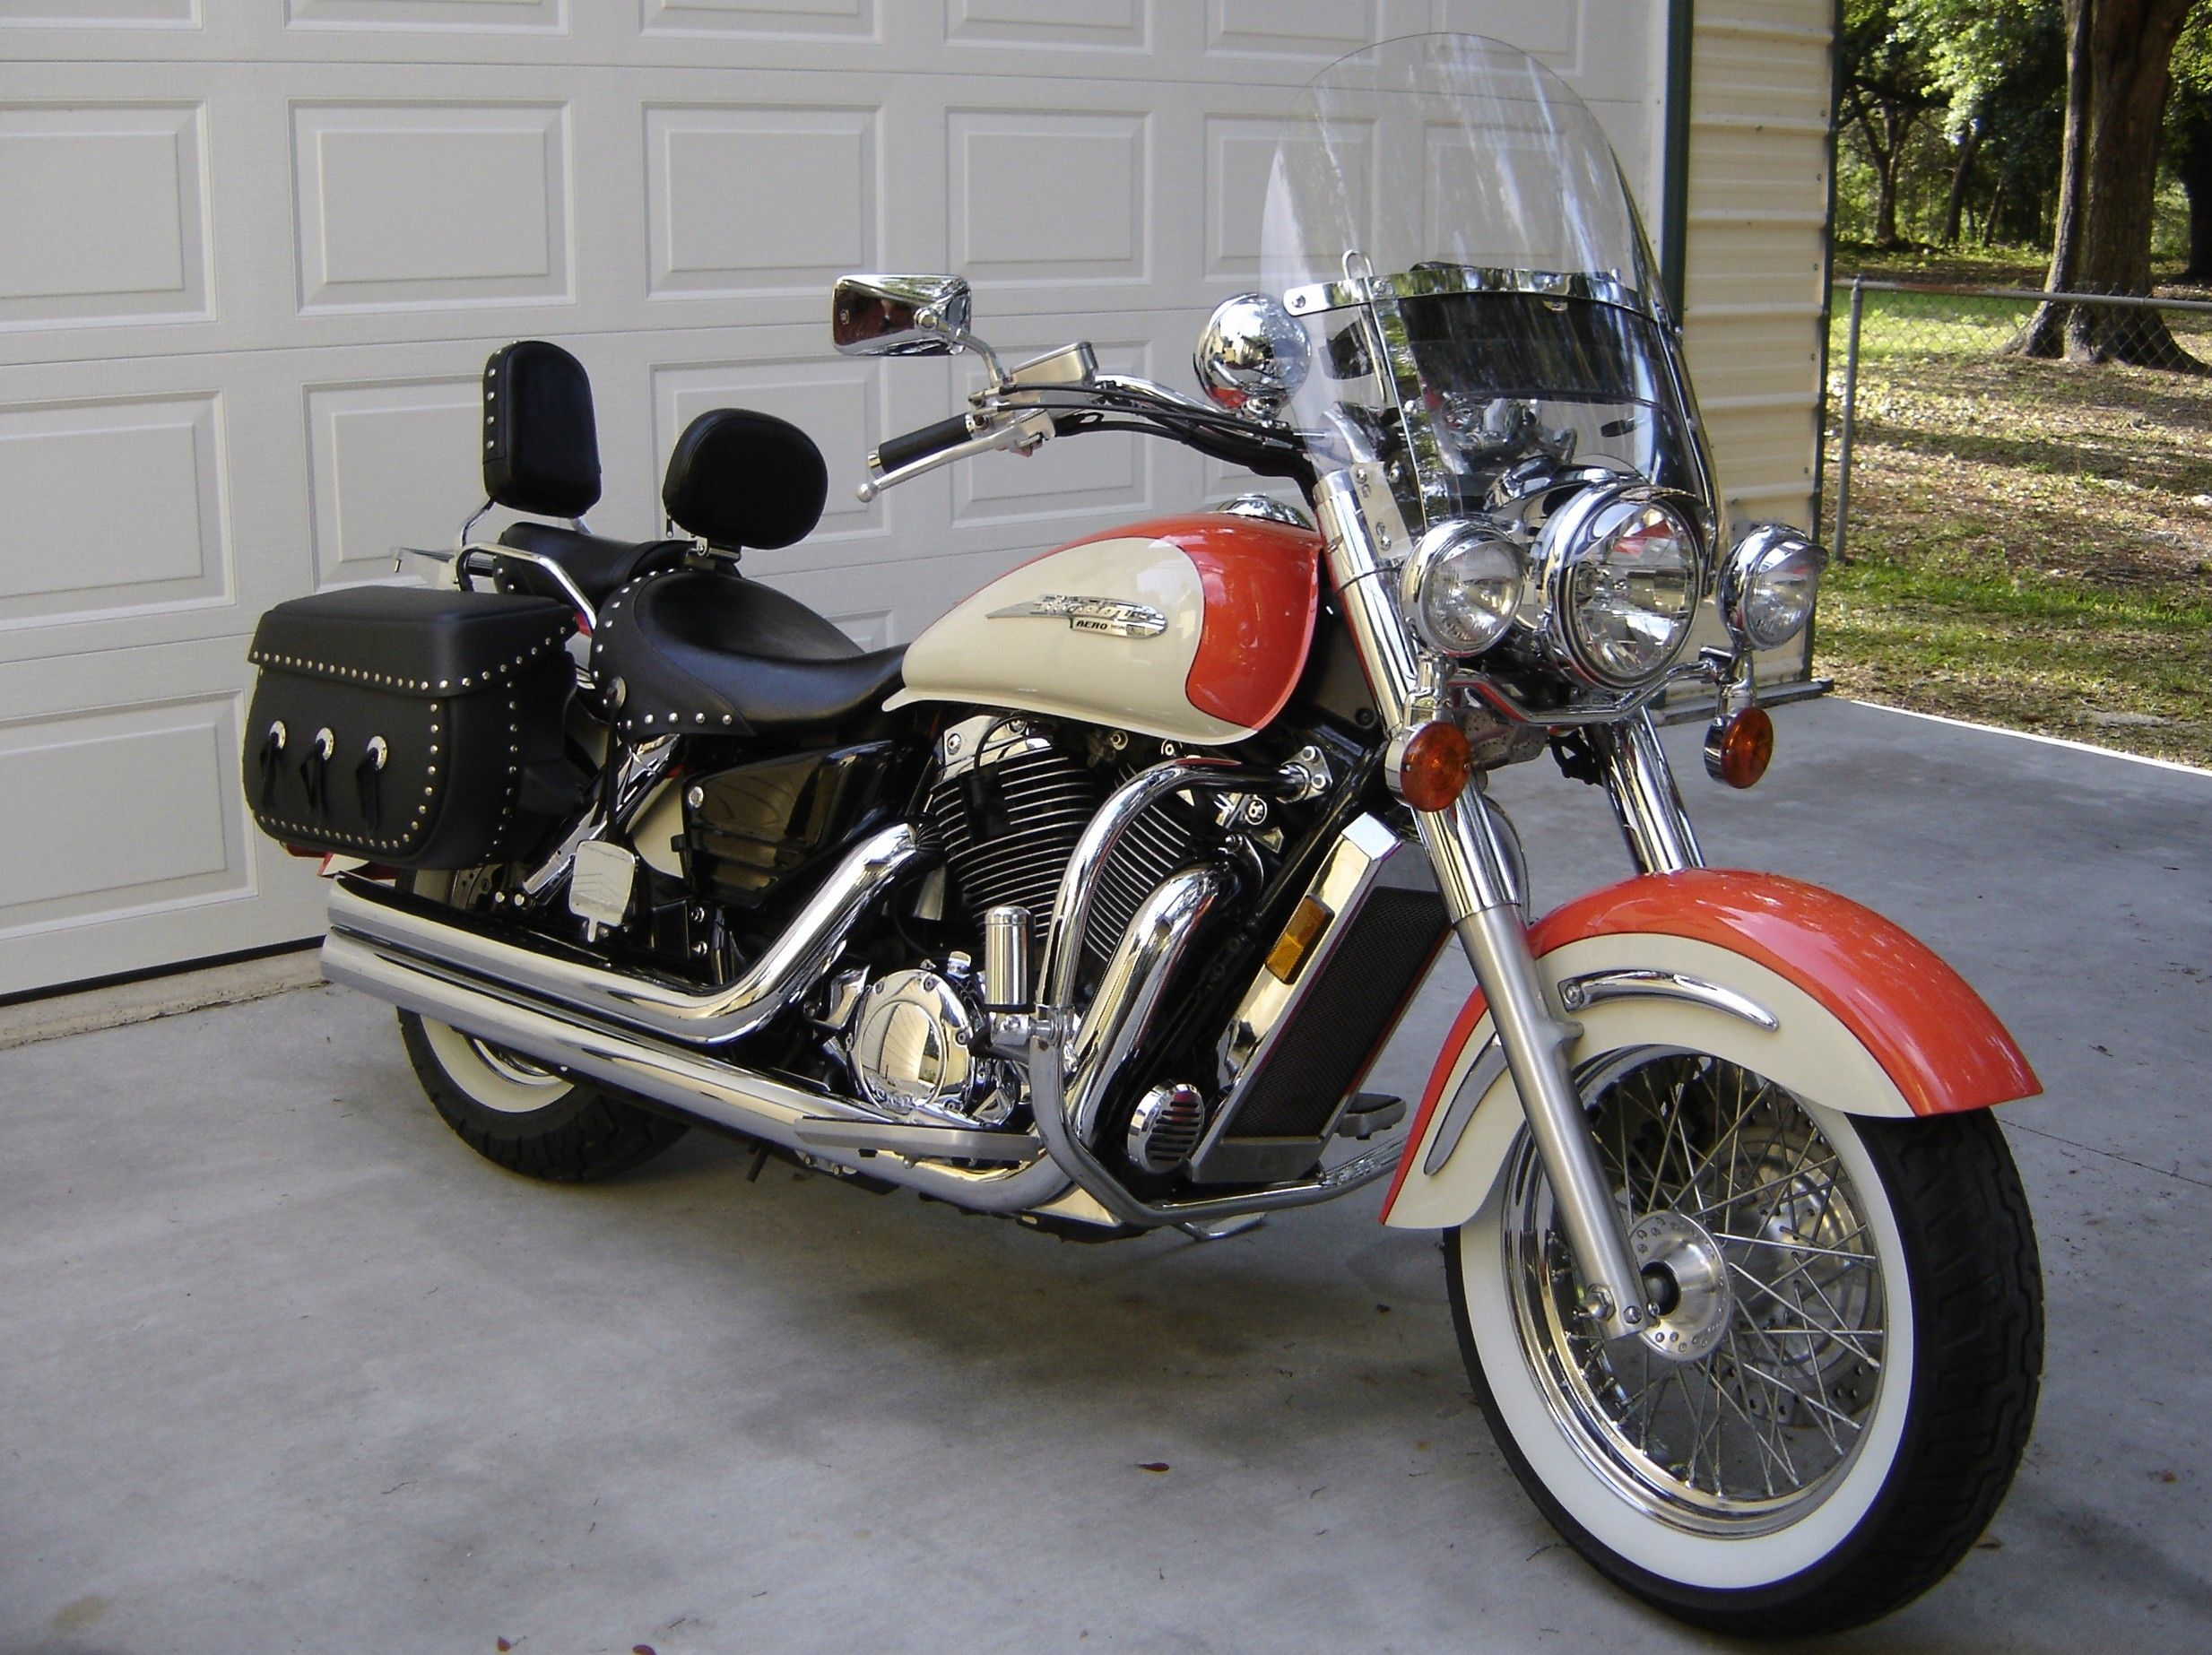 medium resolution of my ride 1999 honda shadow aero 1100